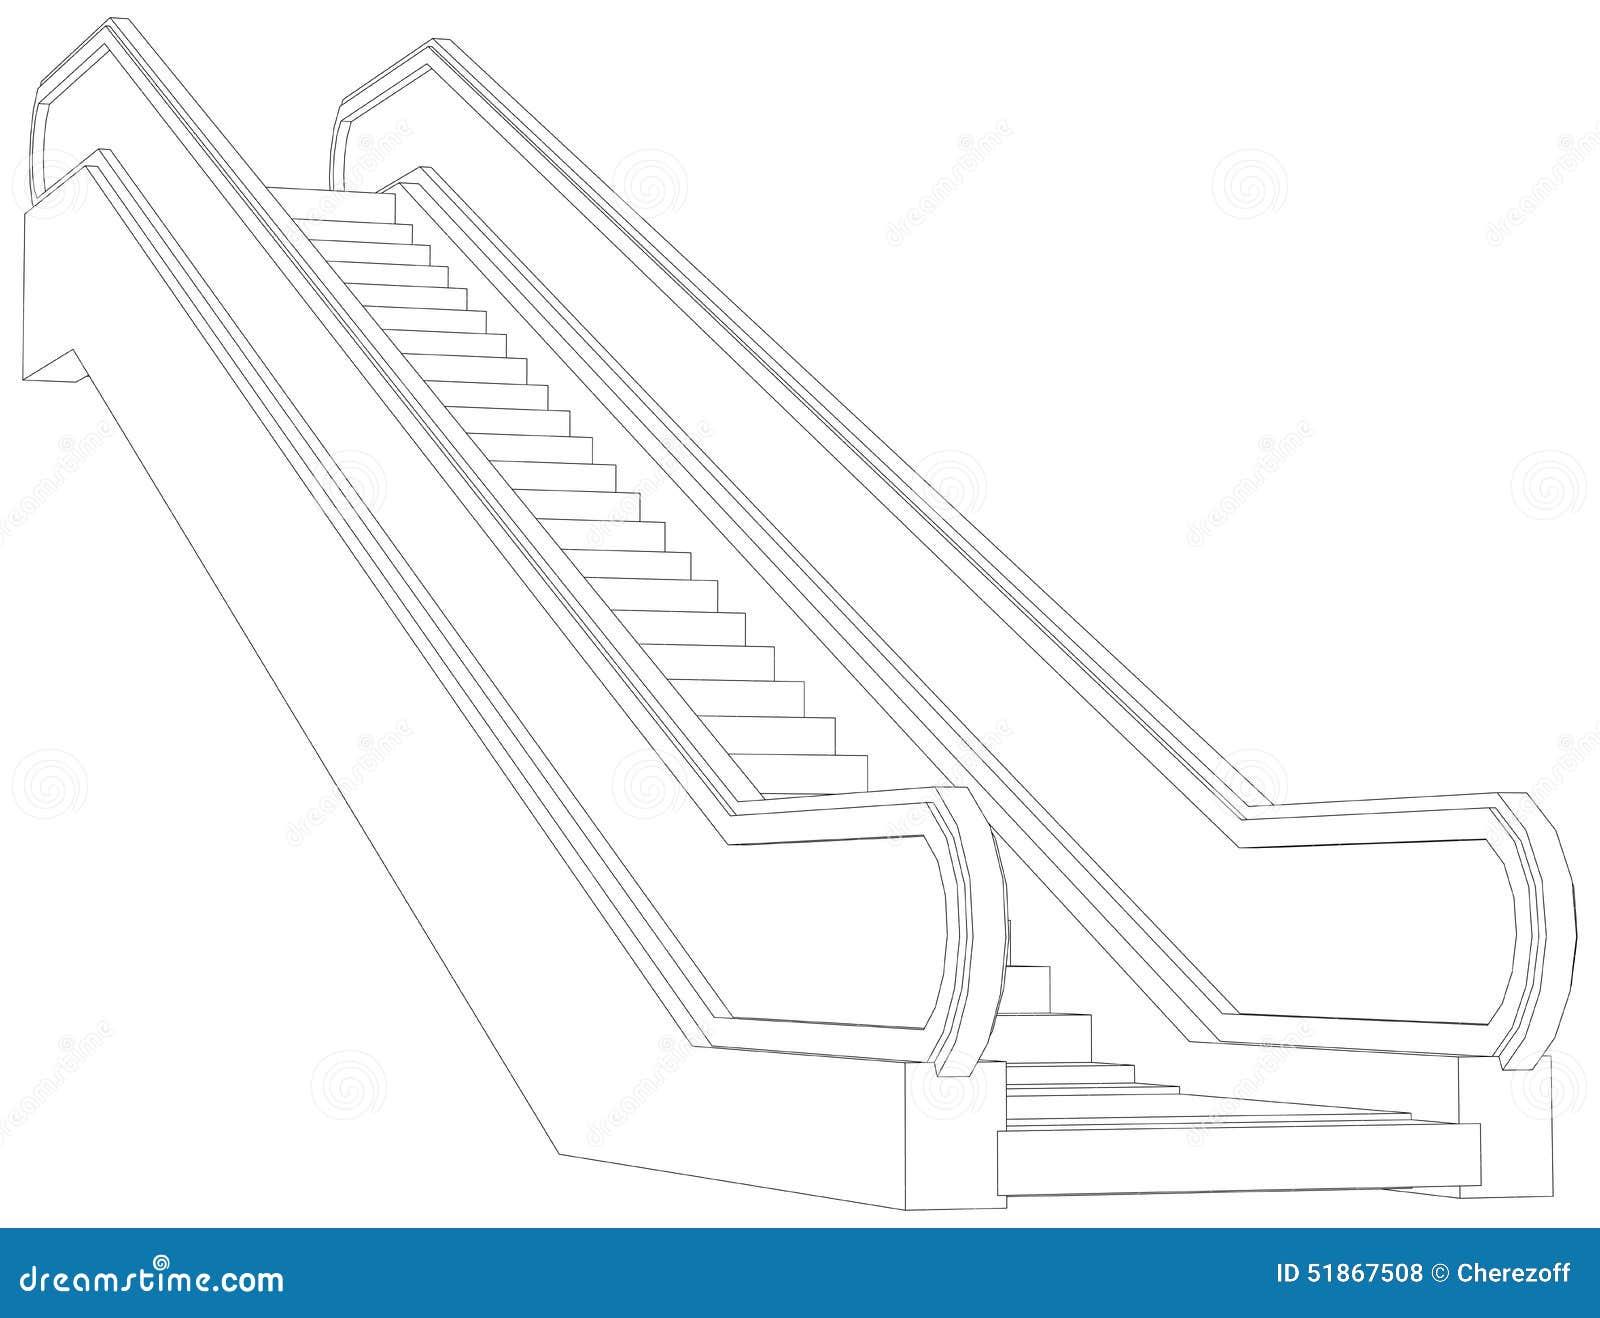 Schets van roltrap vector illustratie vector illustratie afbeelding 51867508 - Ontwerp leuning ...